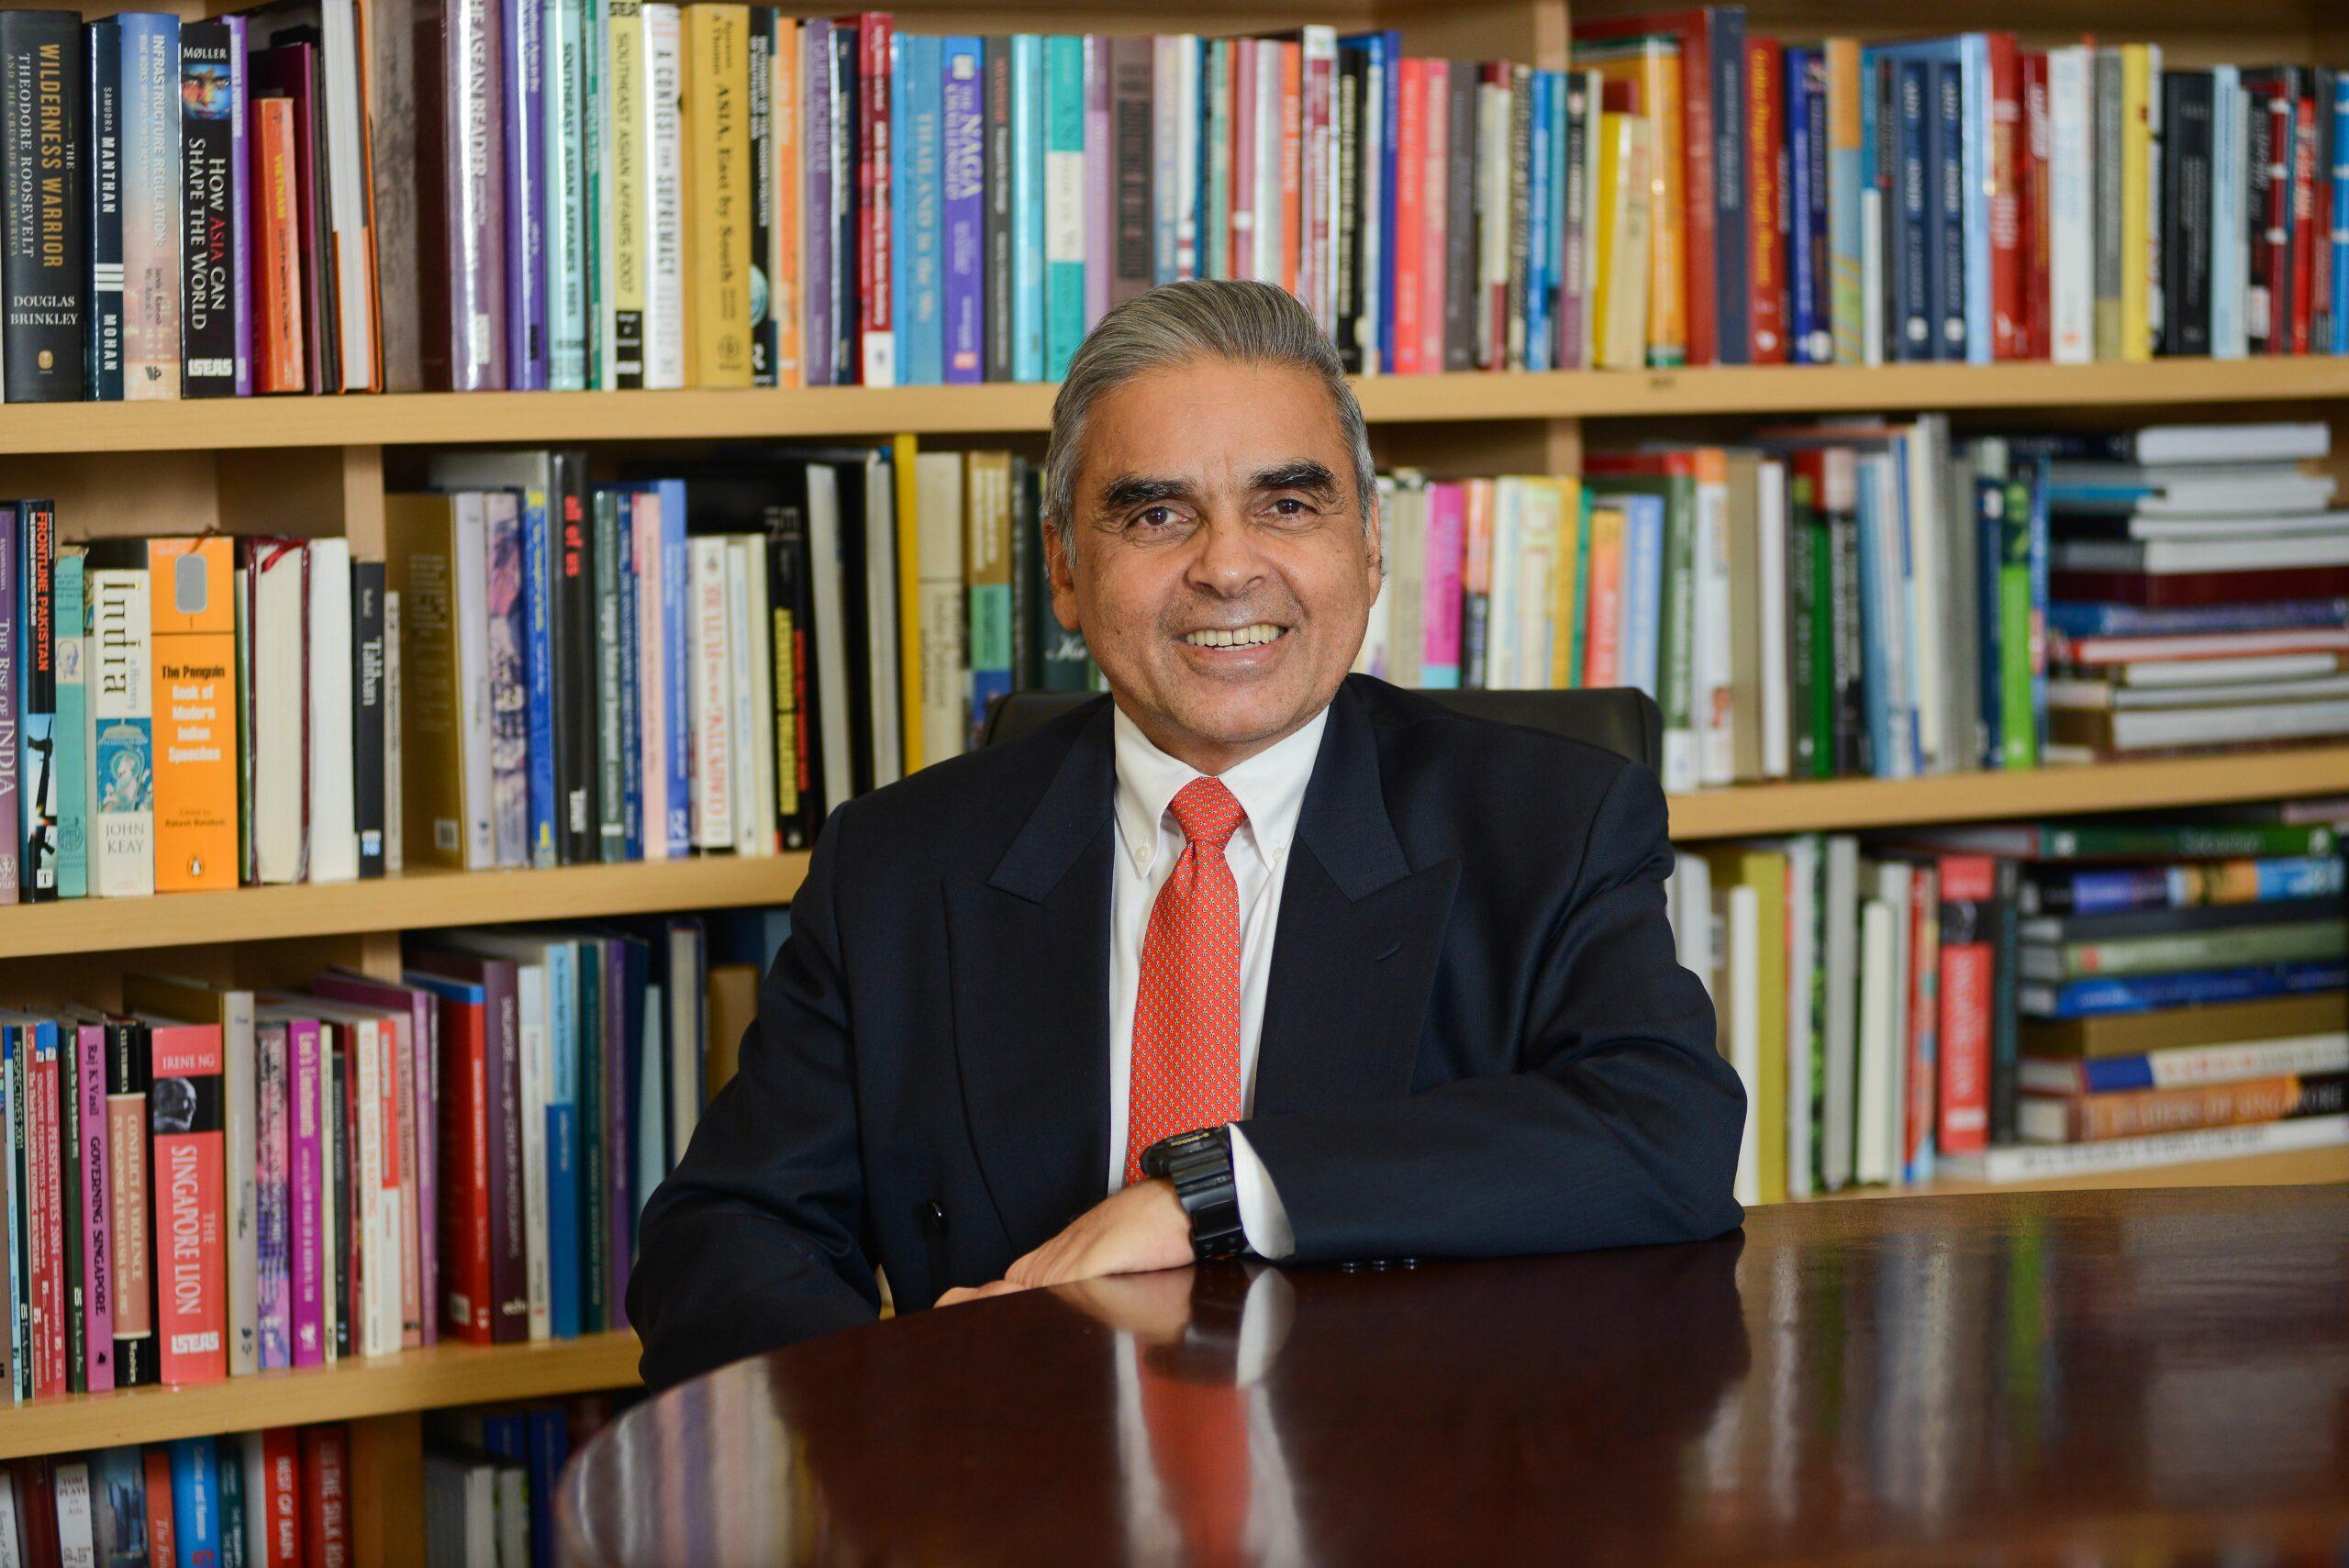 Prof. Mahbubani